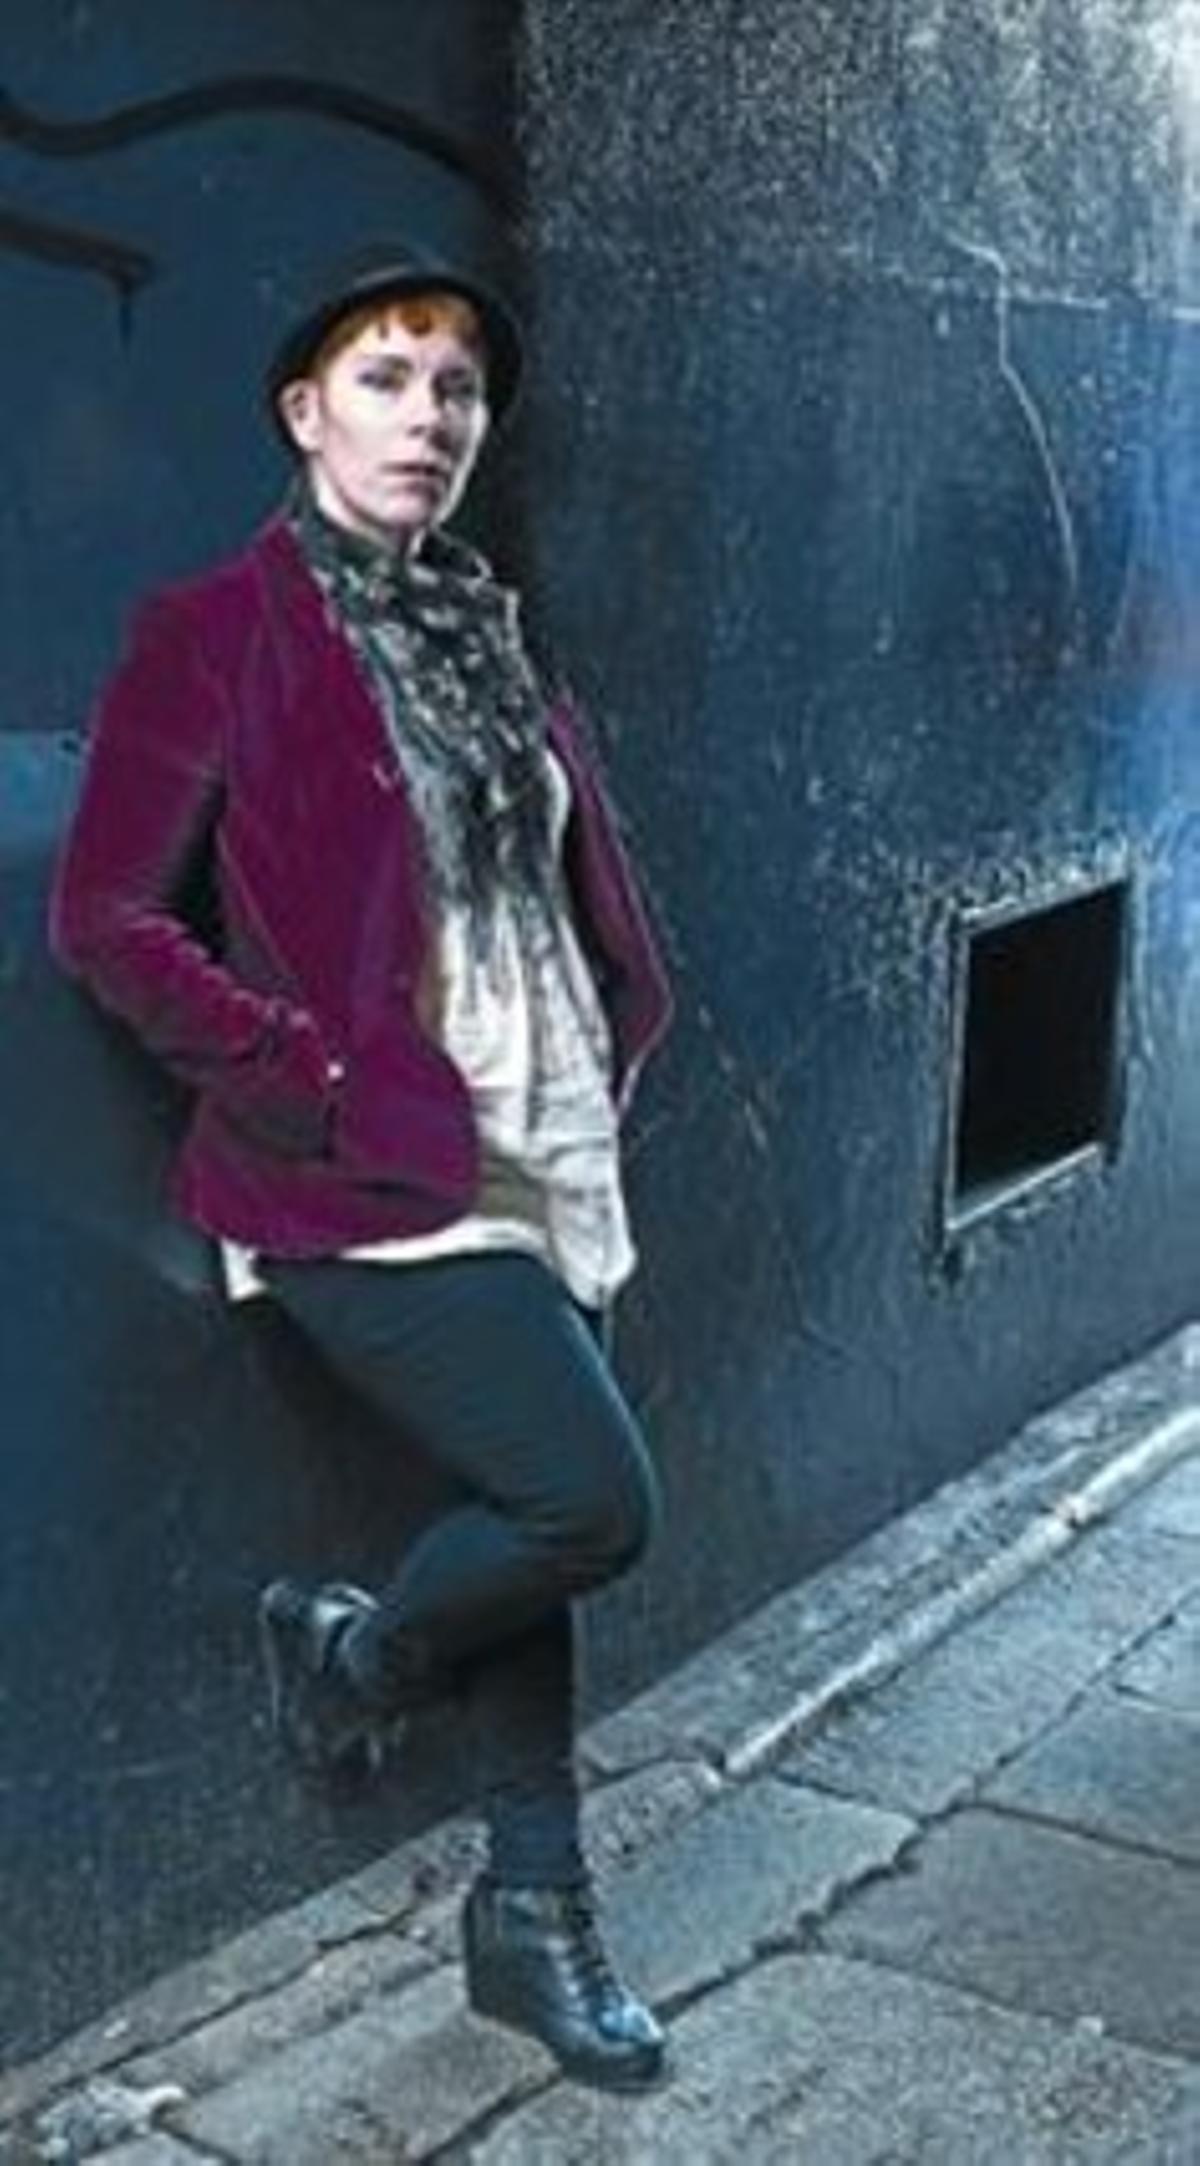 Del teatro a la novela  8Tana French, el jueves en Dublín.